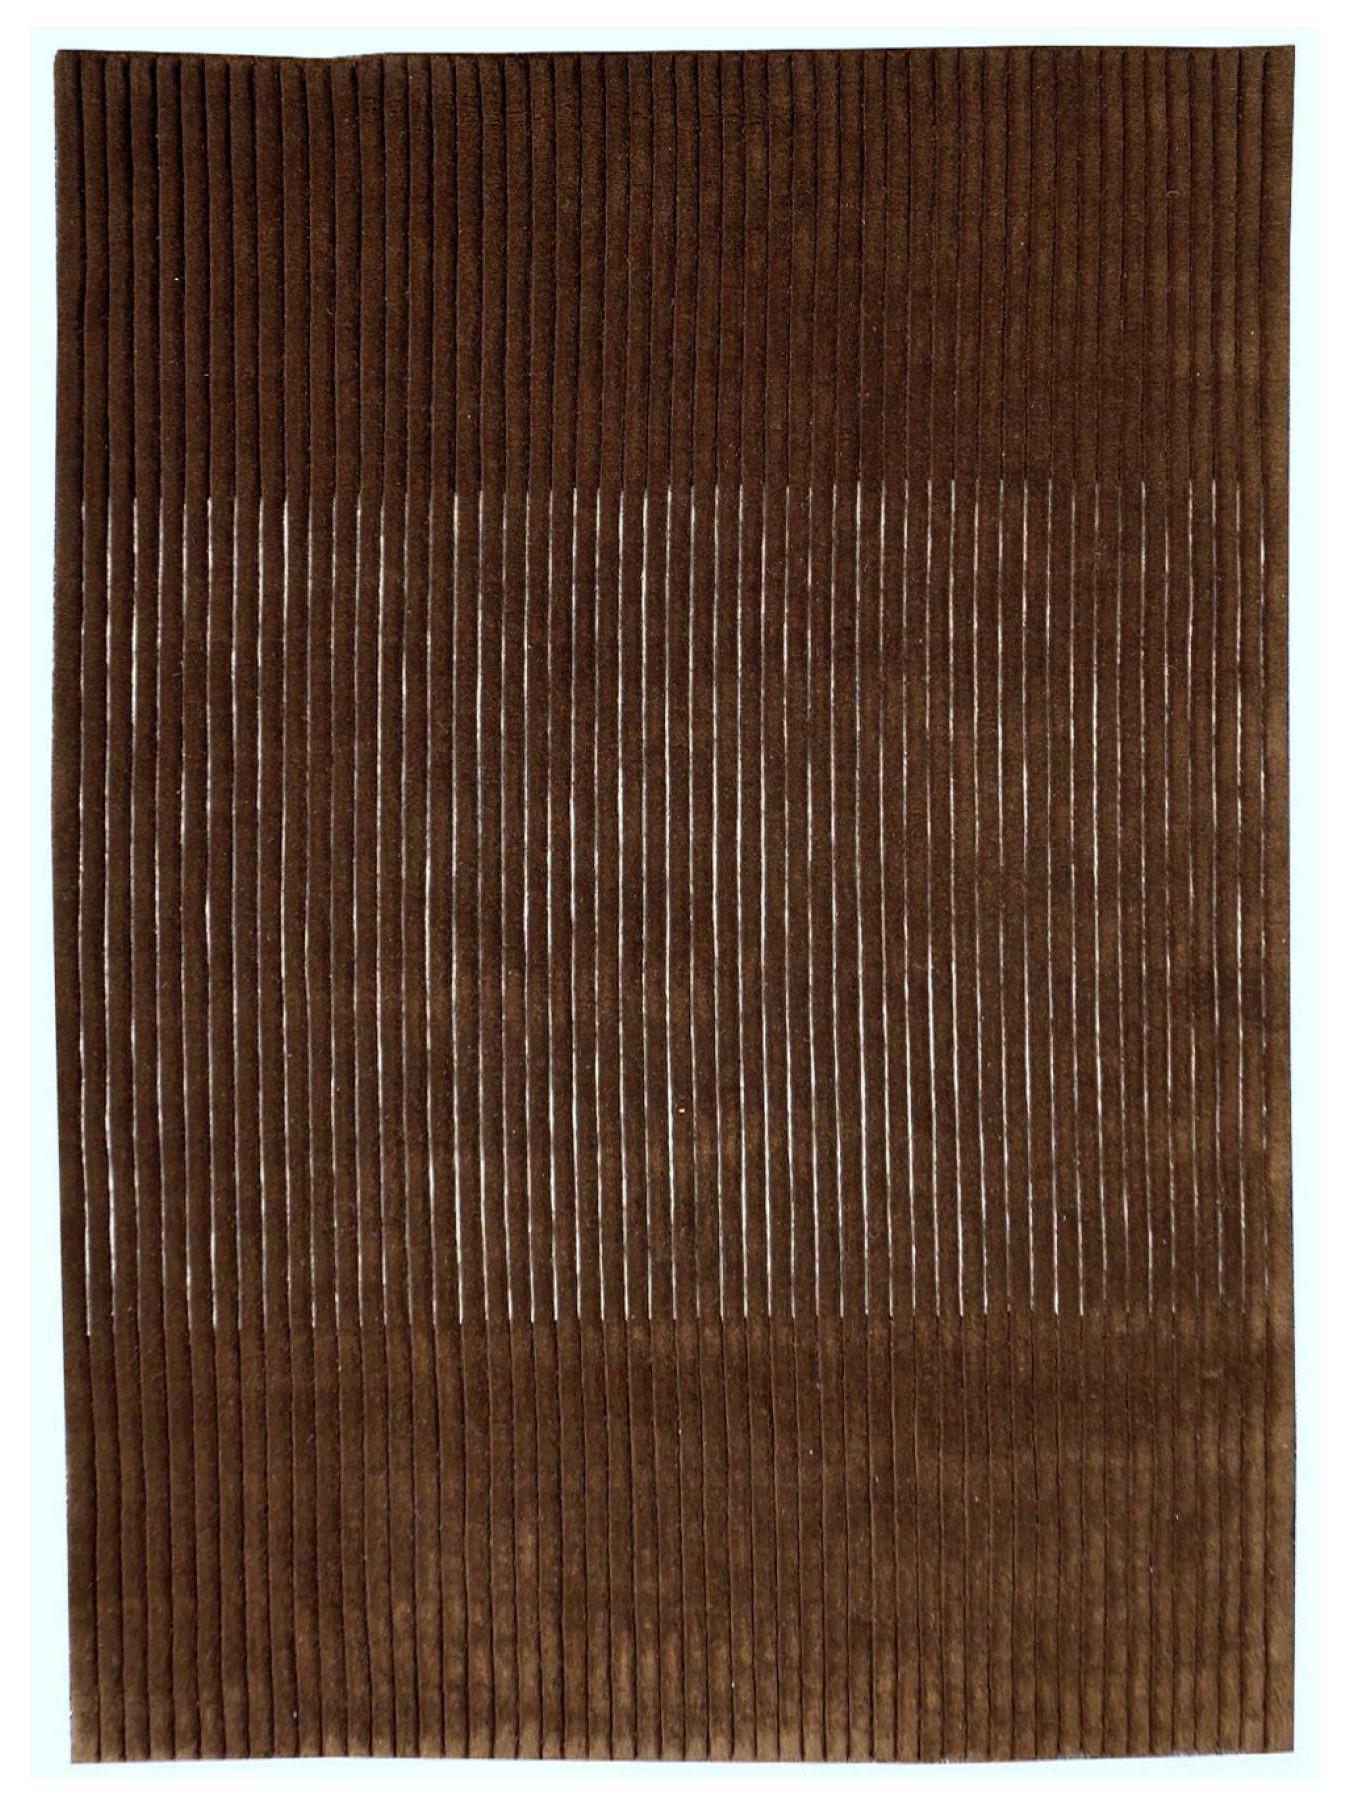 Design carpets - PIANO - 5566